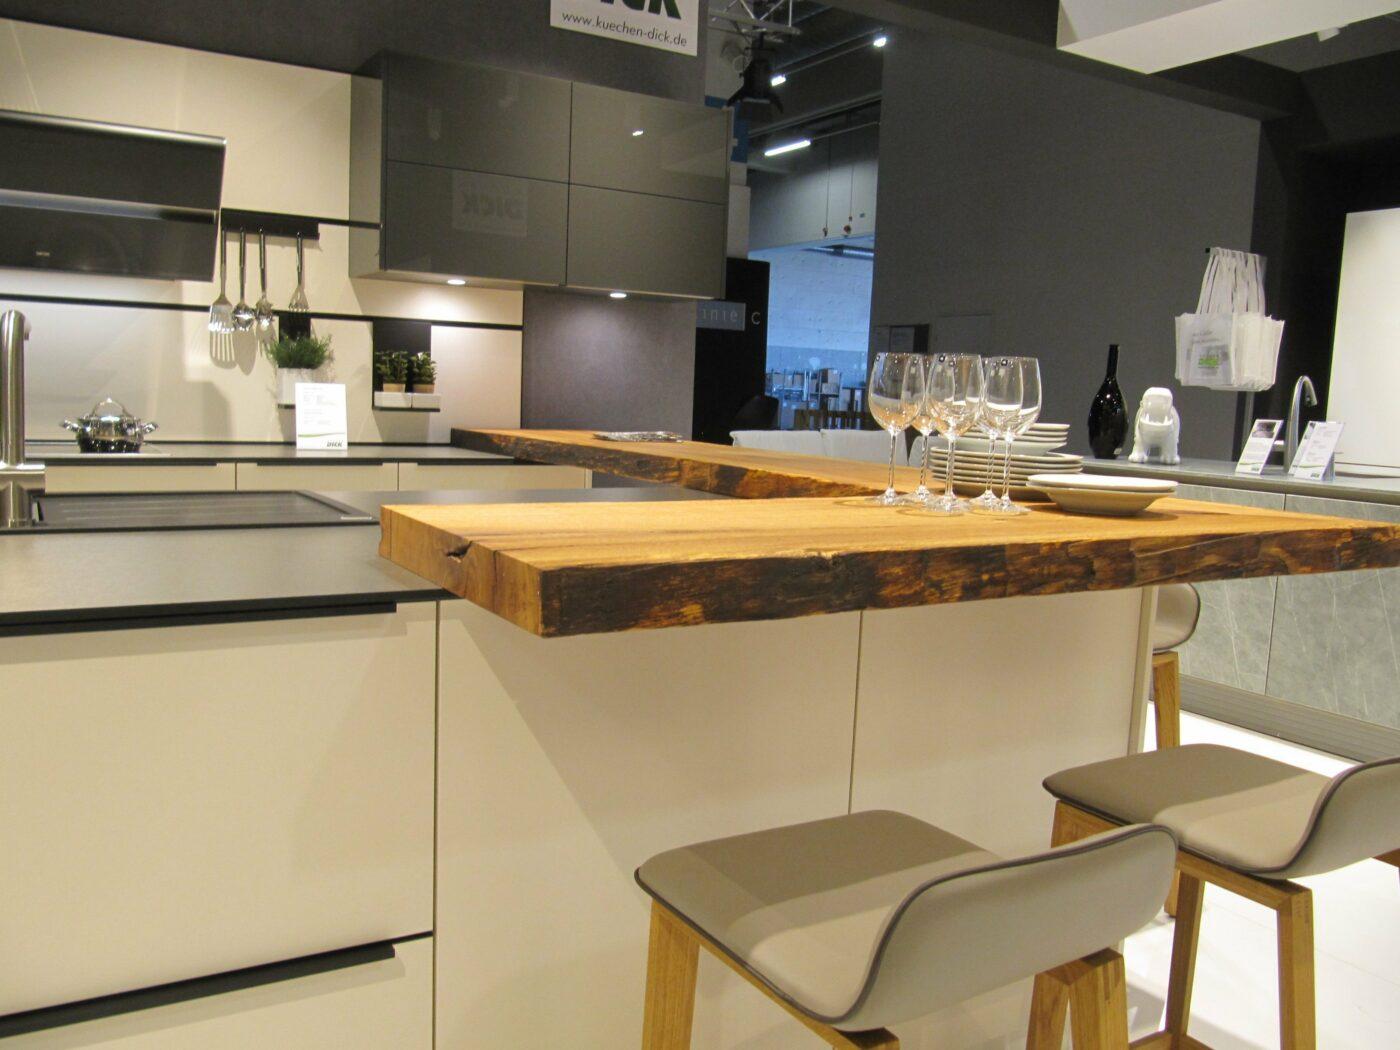 Bei uns finden Sie eine große Auswahl an Materialien für Ihre Küchenfronten und Arbeitsplatten